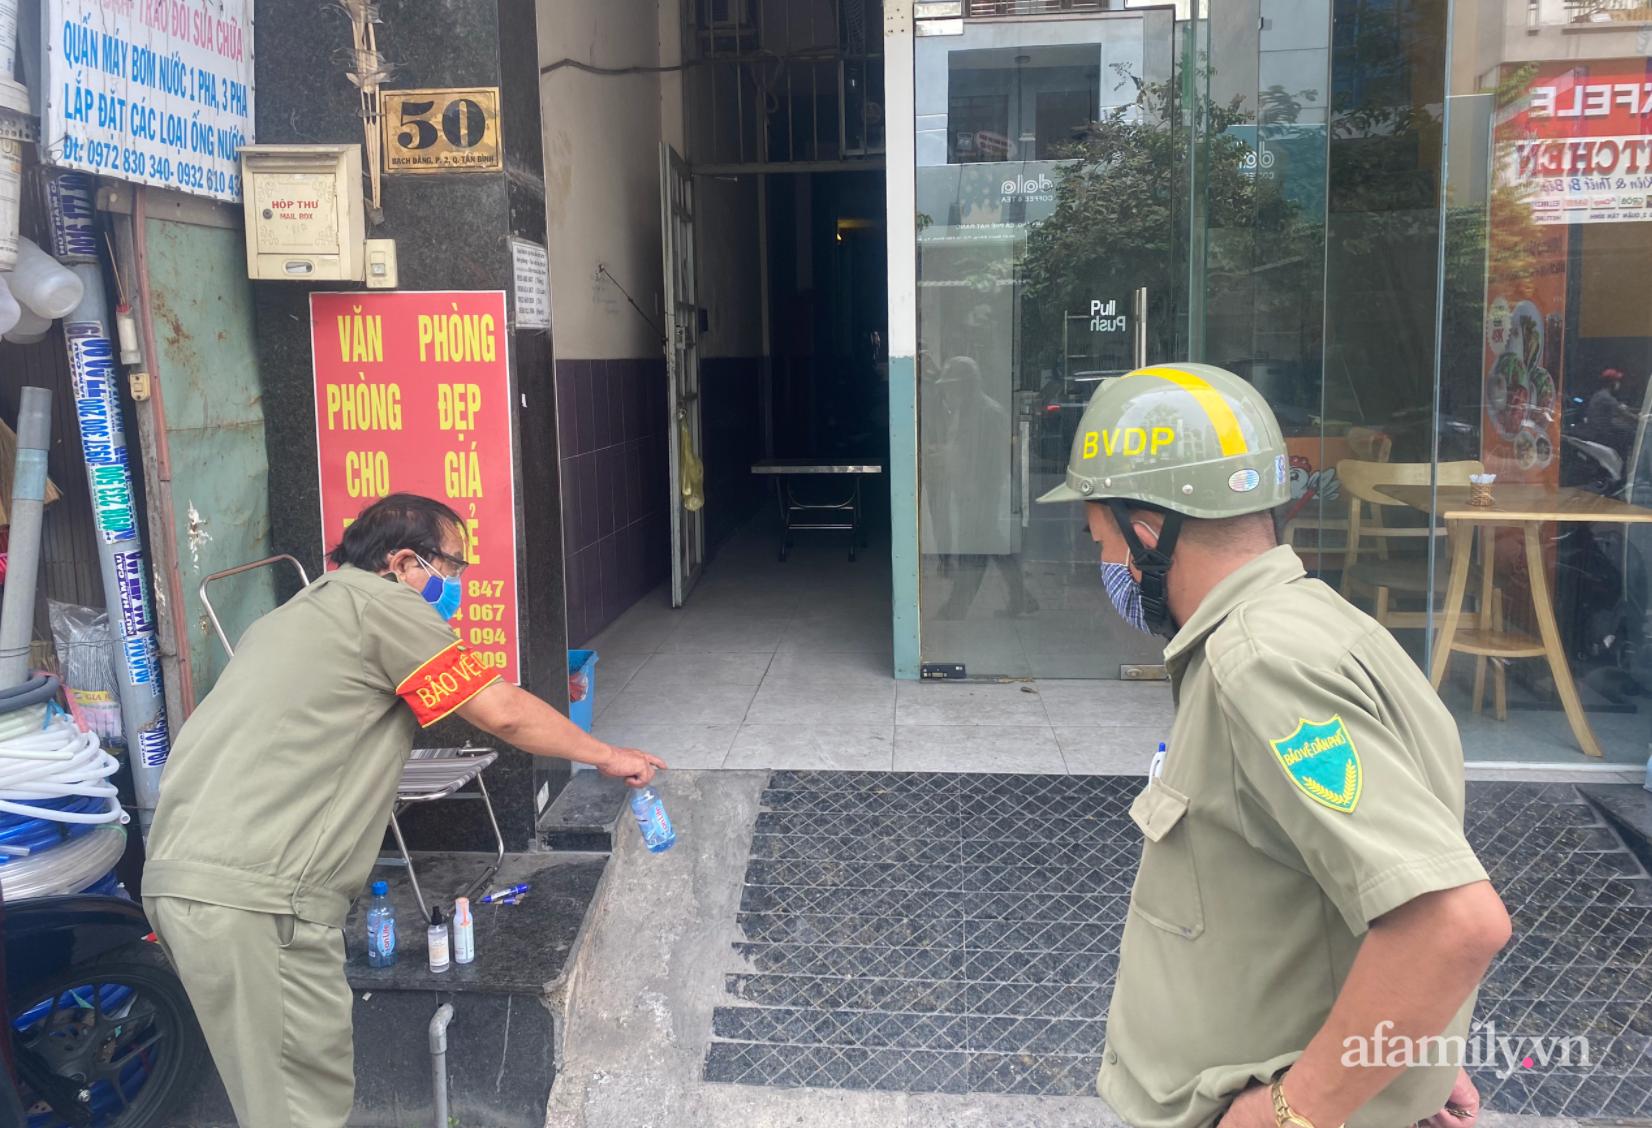 TP.HCM đóng cửa quán cà phê, karaoke, khu cách ly tiếp viên Vietnam Airlines liên quan đến 2 ca nhiễm COVID-19, tổ chức họp khẩn - Ảnh 6.